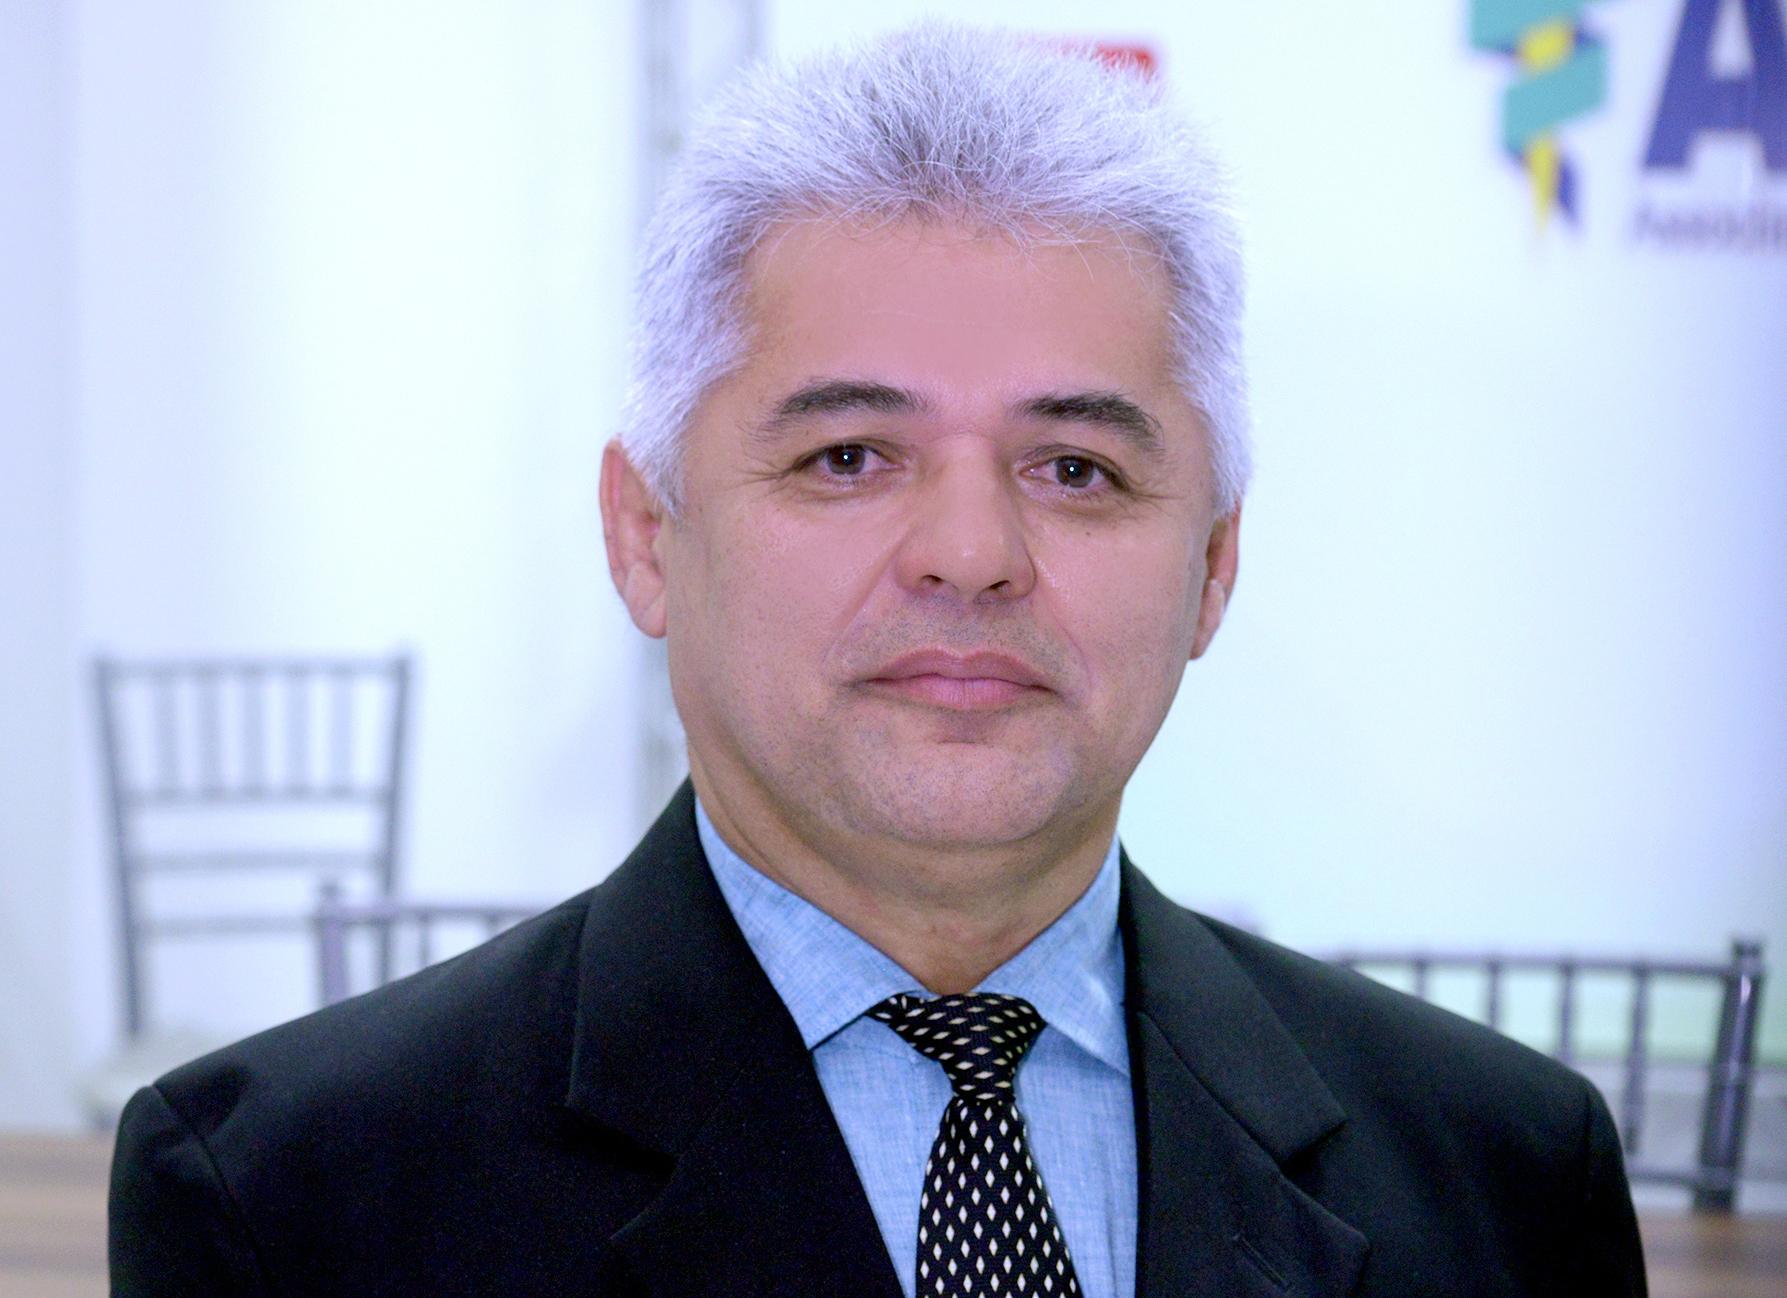 José Aderval Aragão capa.jpg